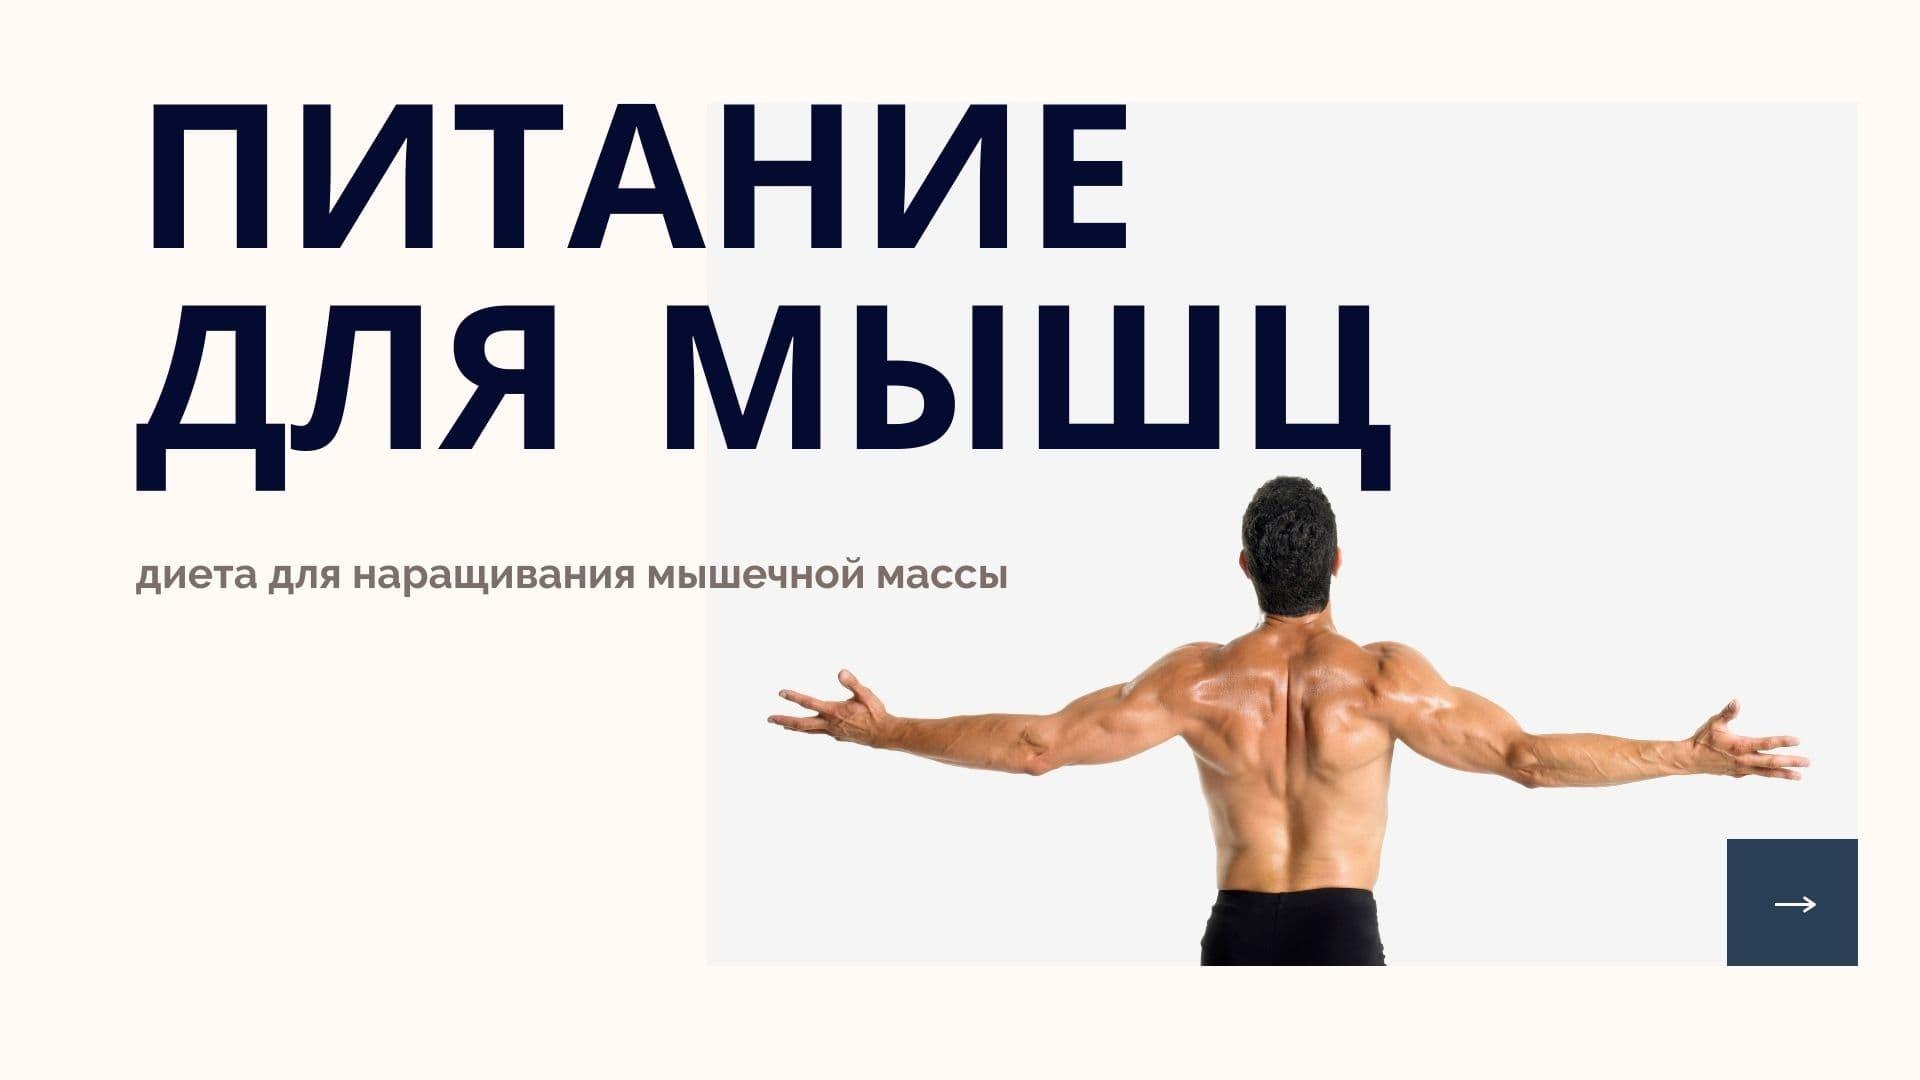 Питание для мышц: диета для наращивания мышечной массы